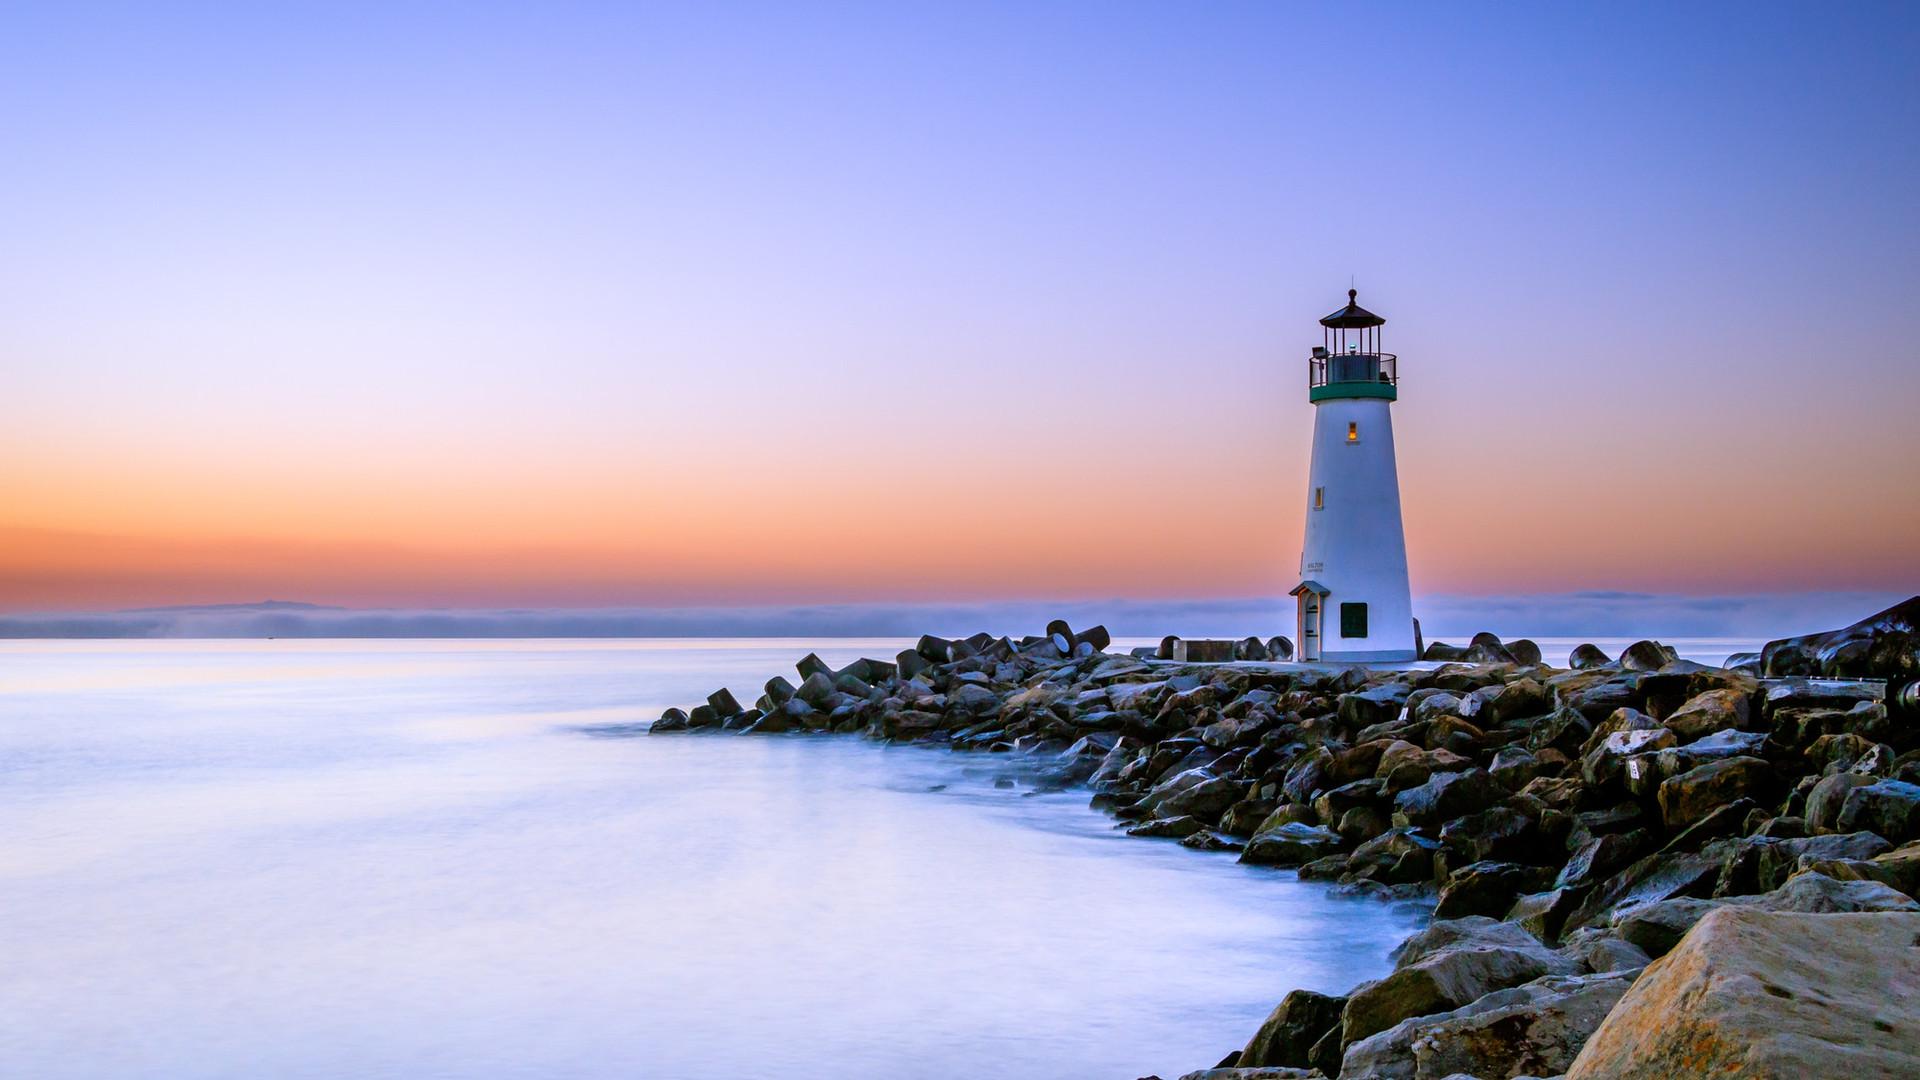 beach-california-dawn-1532771.jpg